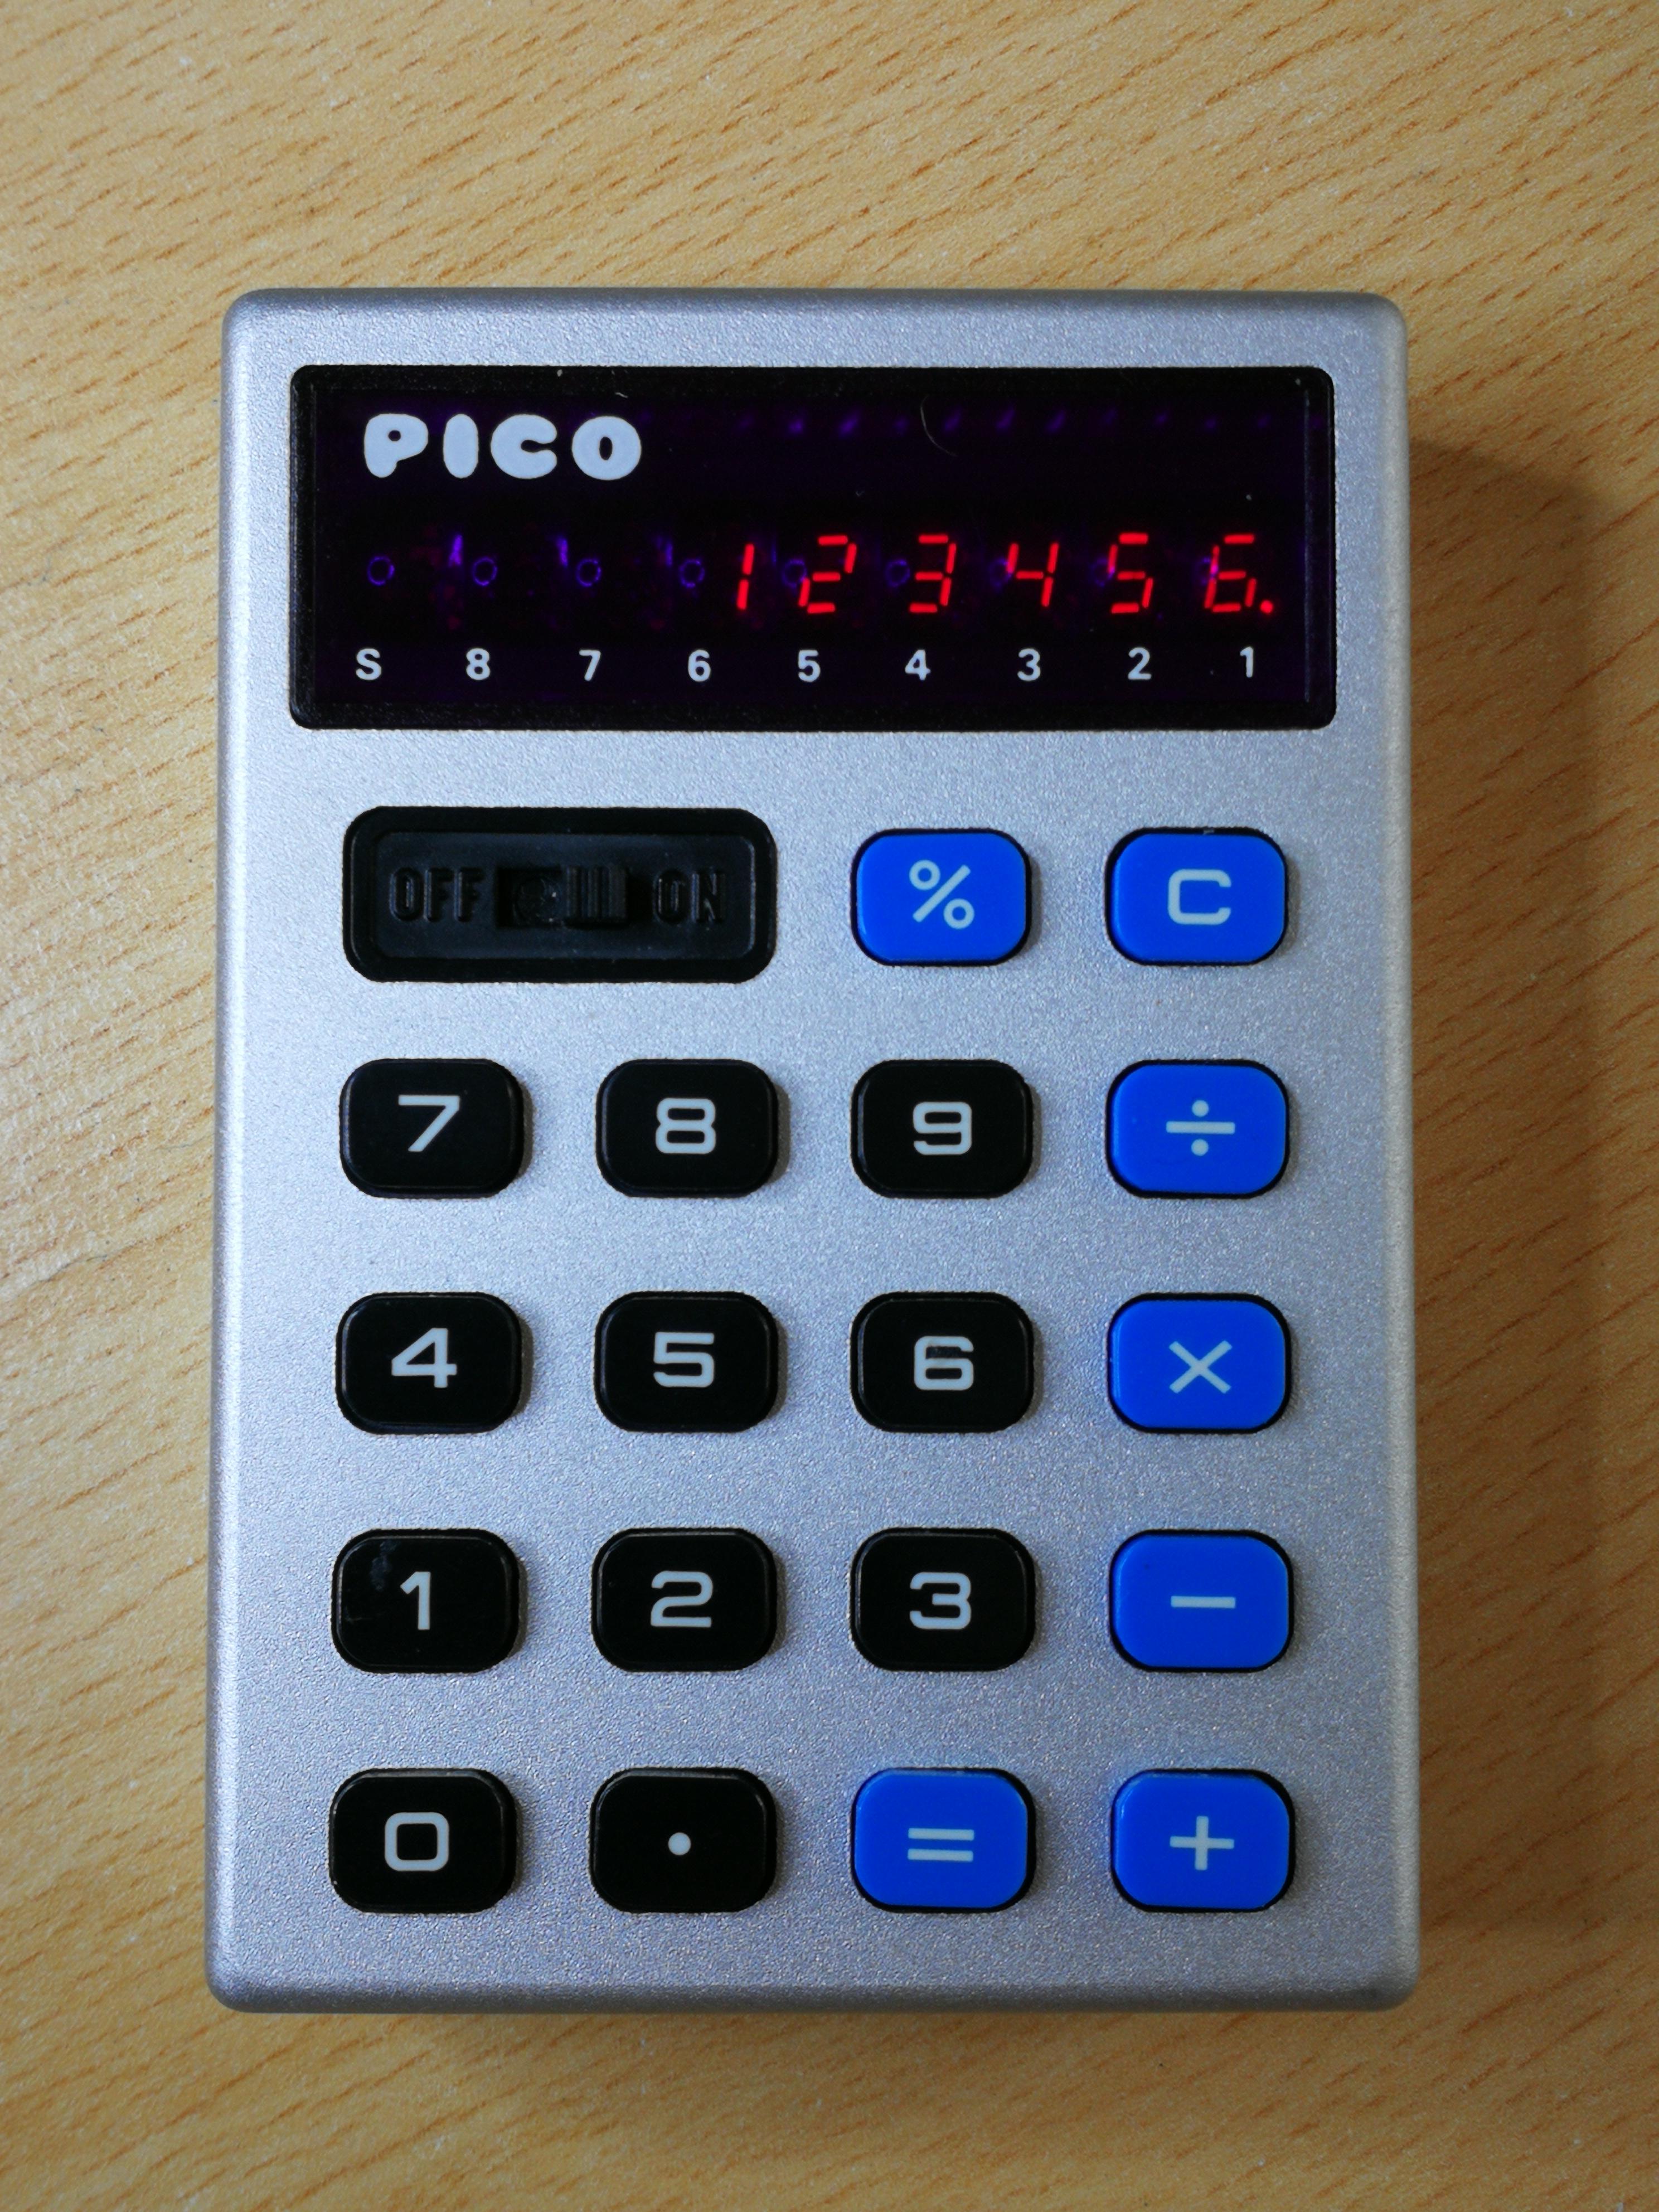 Pico Taschenrechner Ingmars Retroblog